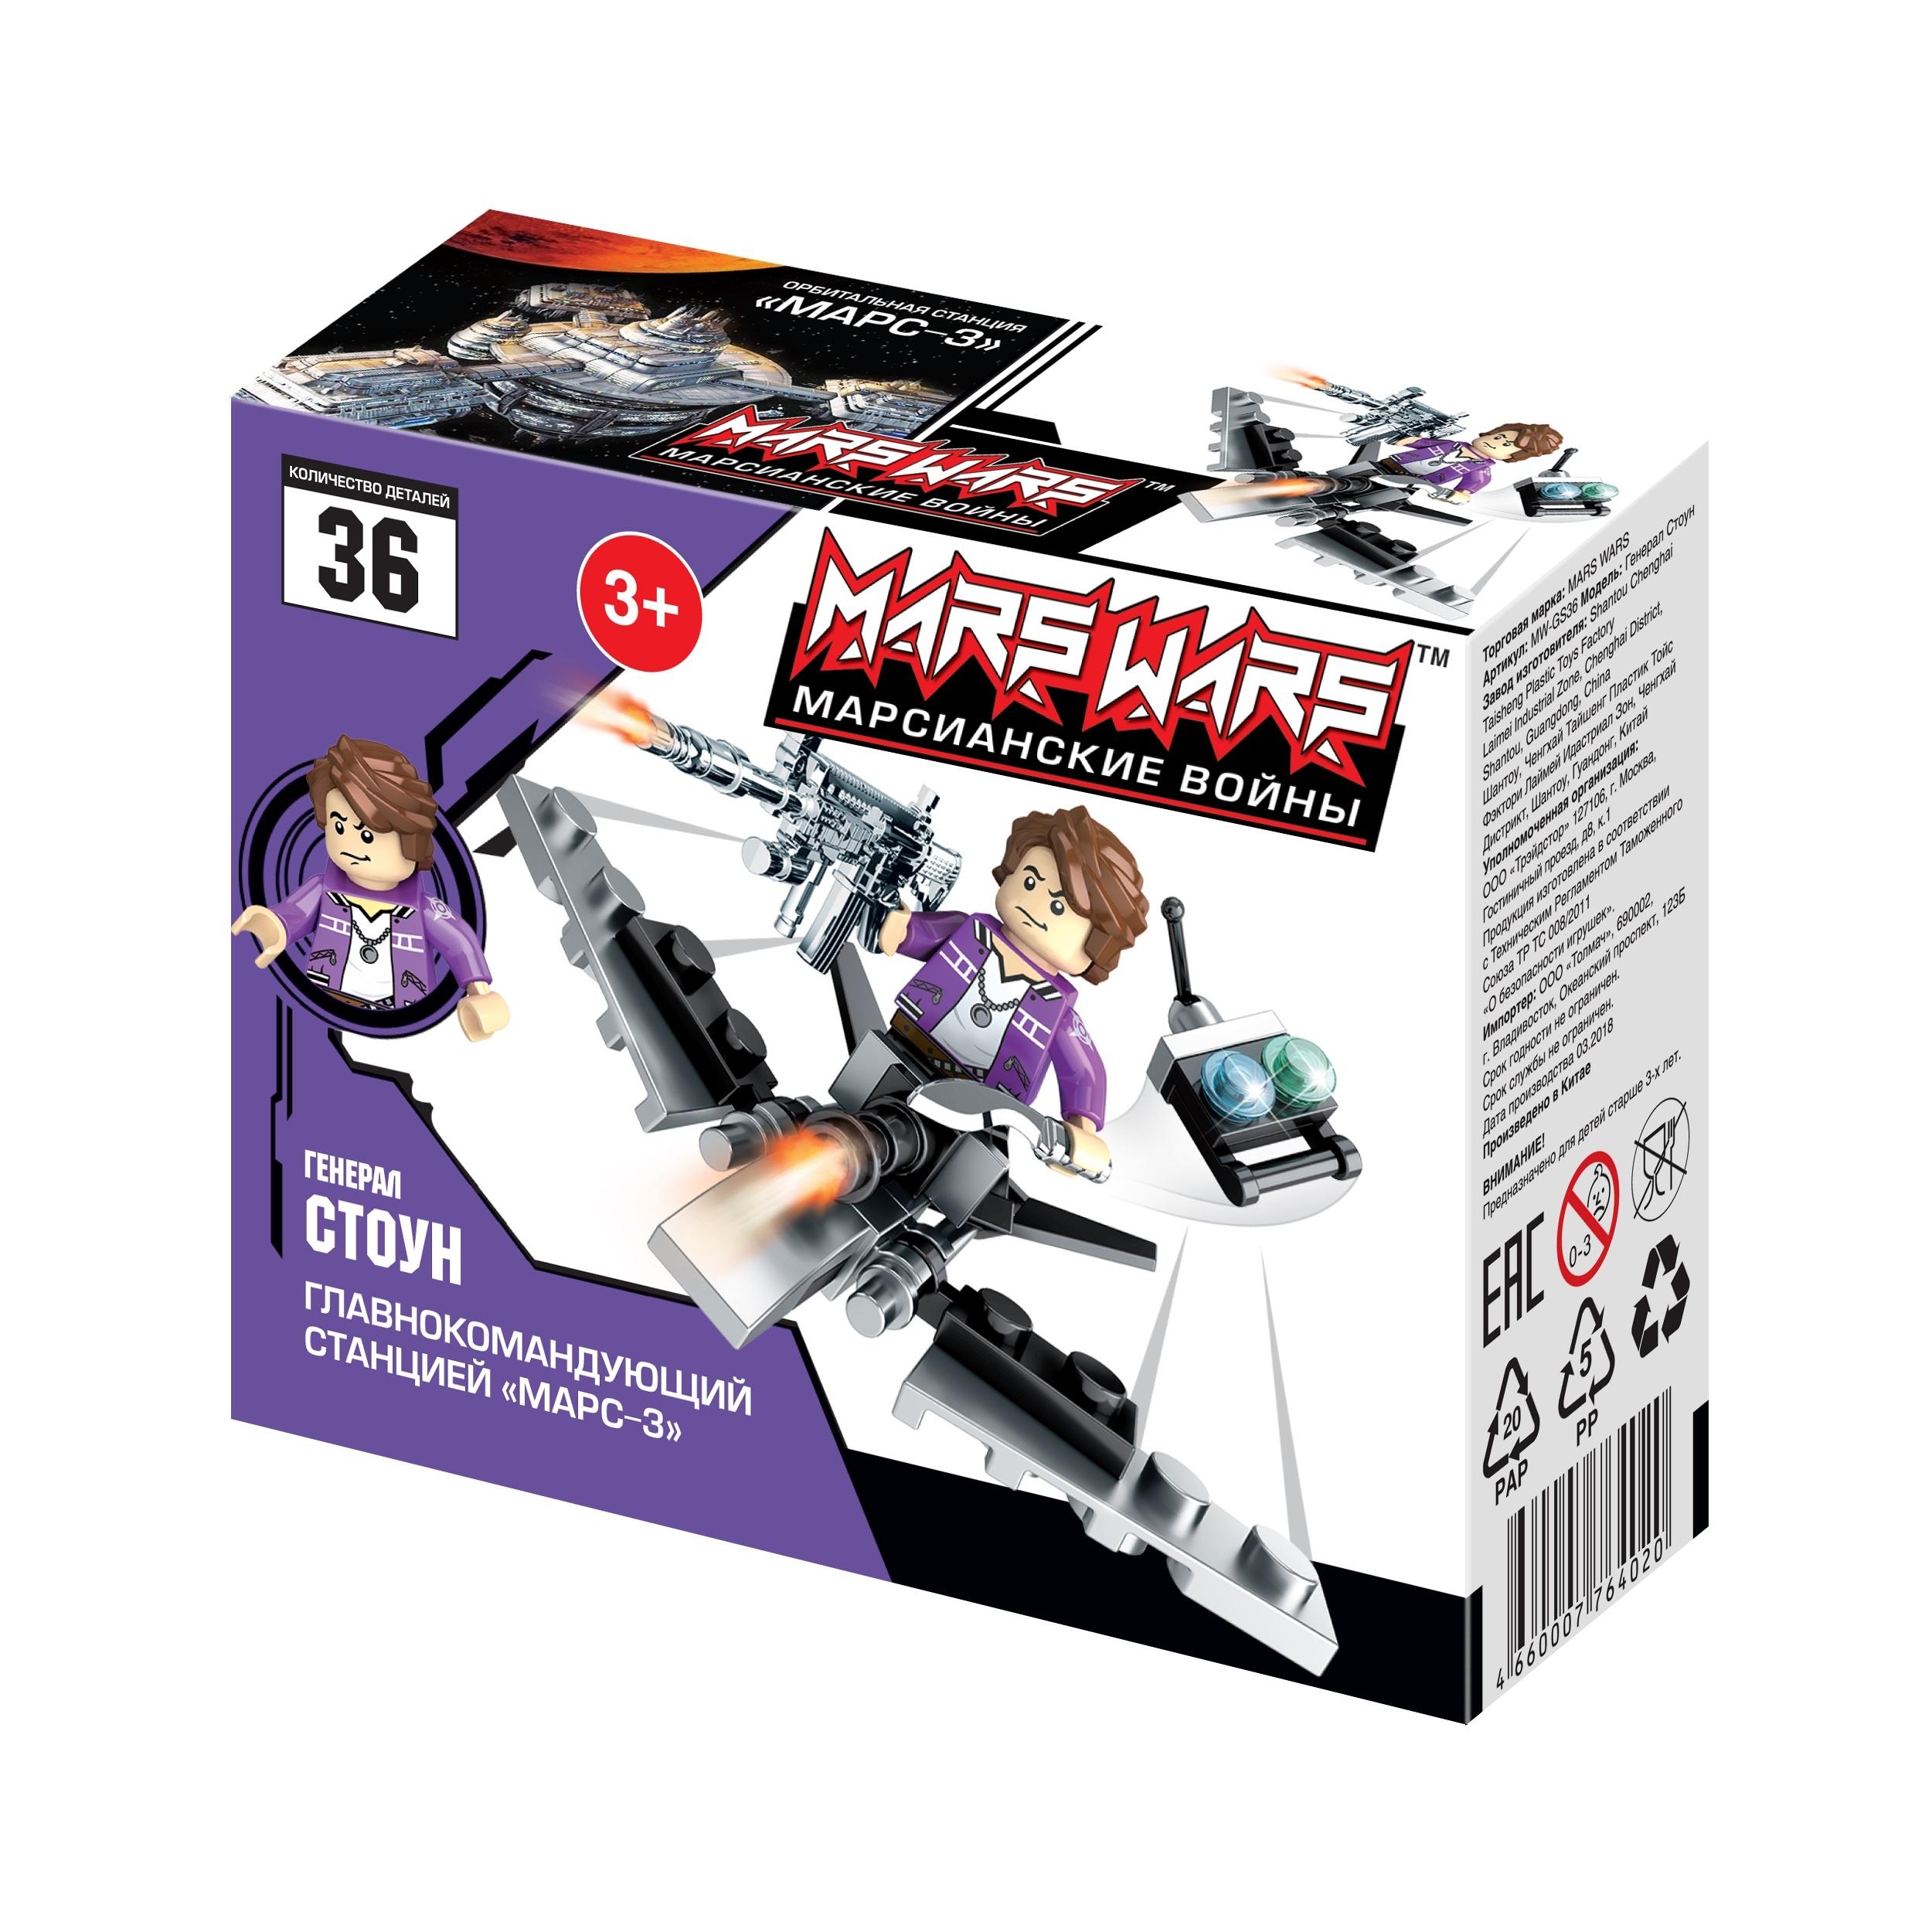 Купить Пластмассовые, Марсианские войны: Генерал Стоун MW-GS36, Mars Wars, Китай